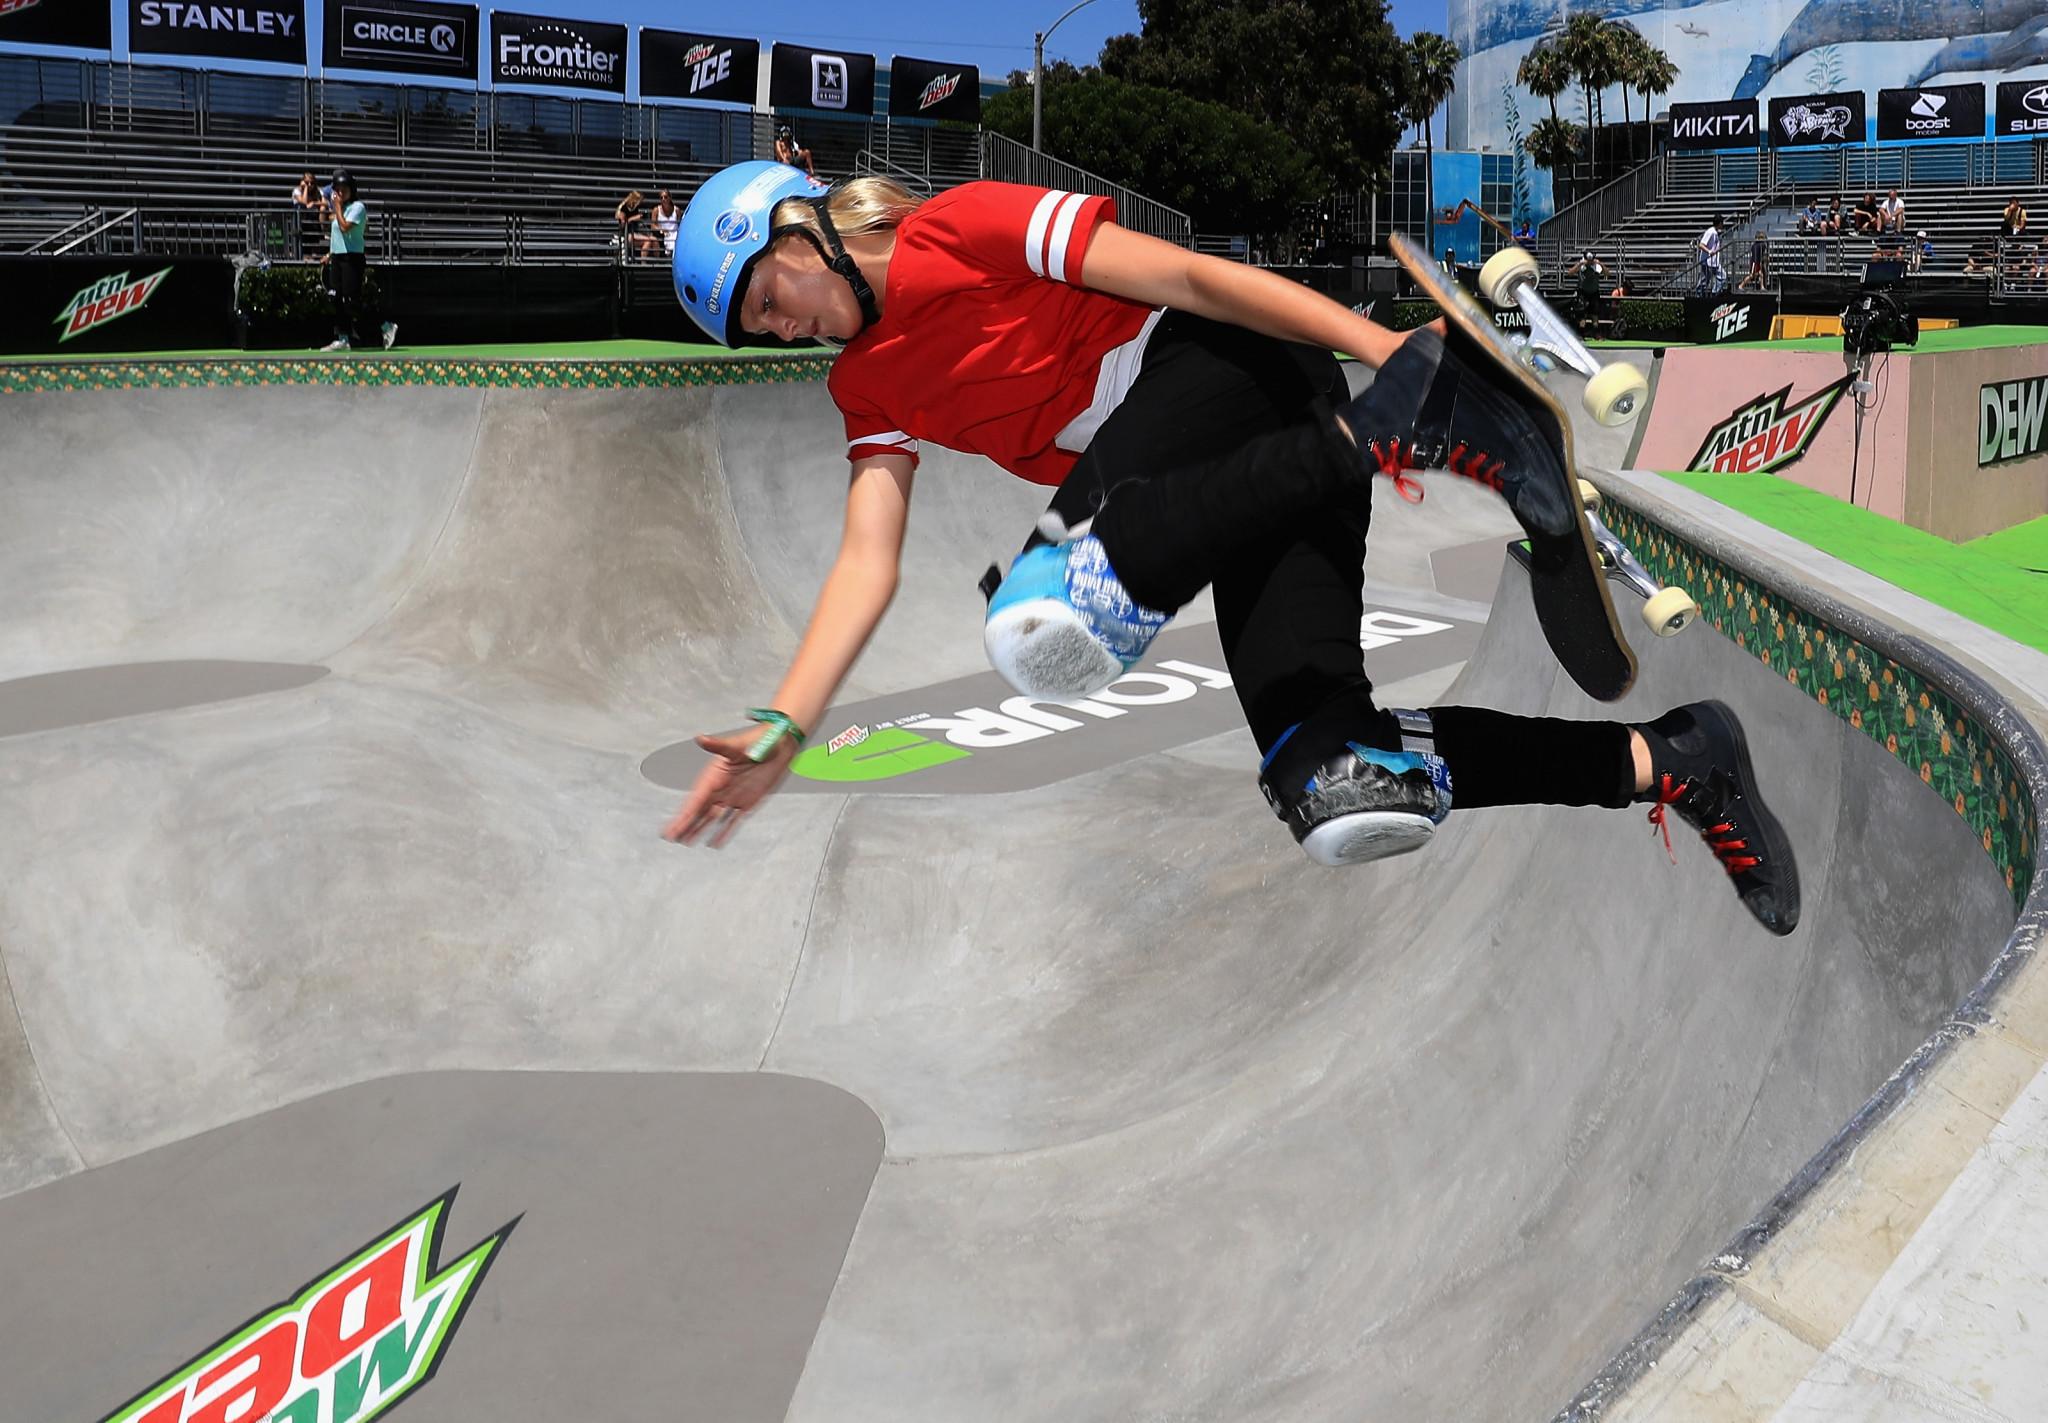 Wettstein tops women's qualifying as World Skate Park Skateboarding World Championships begin